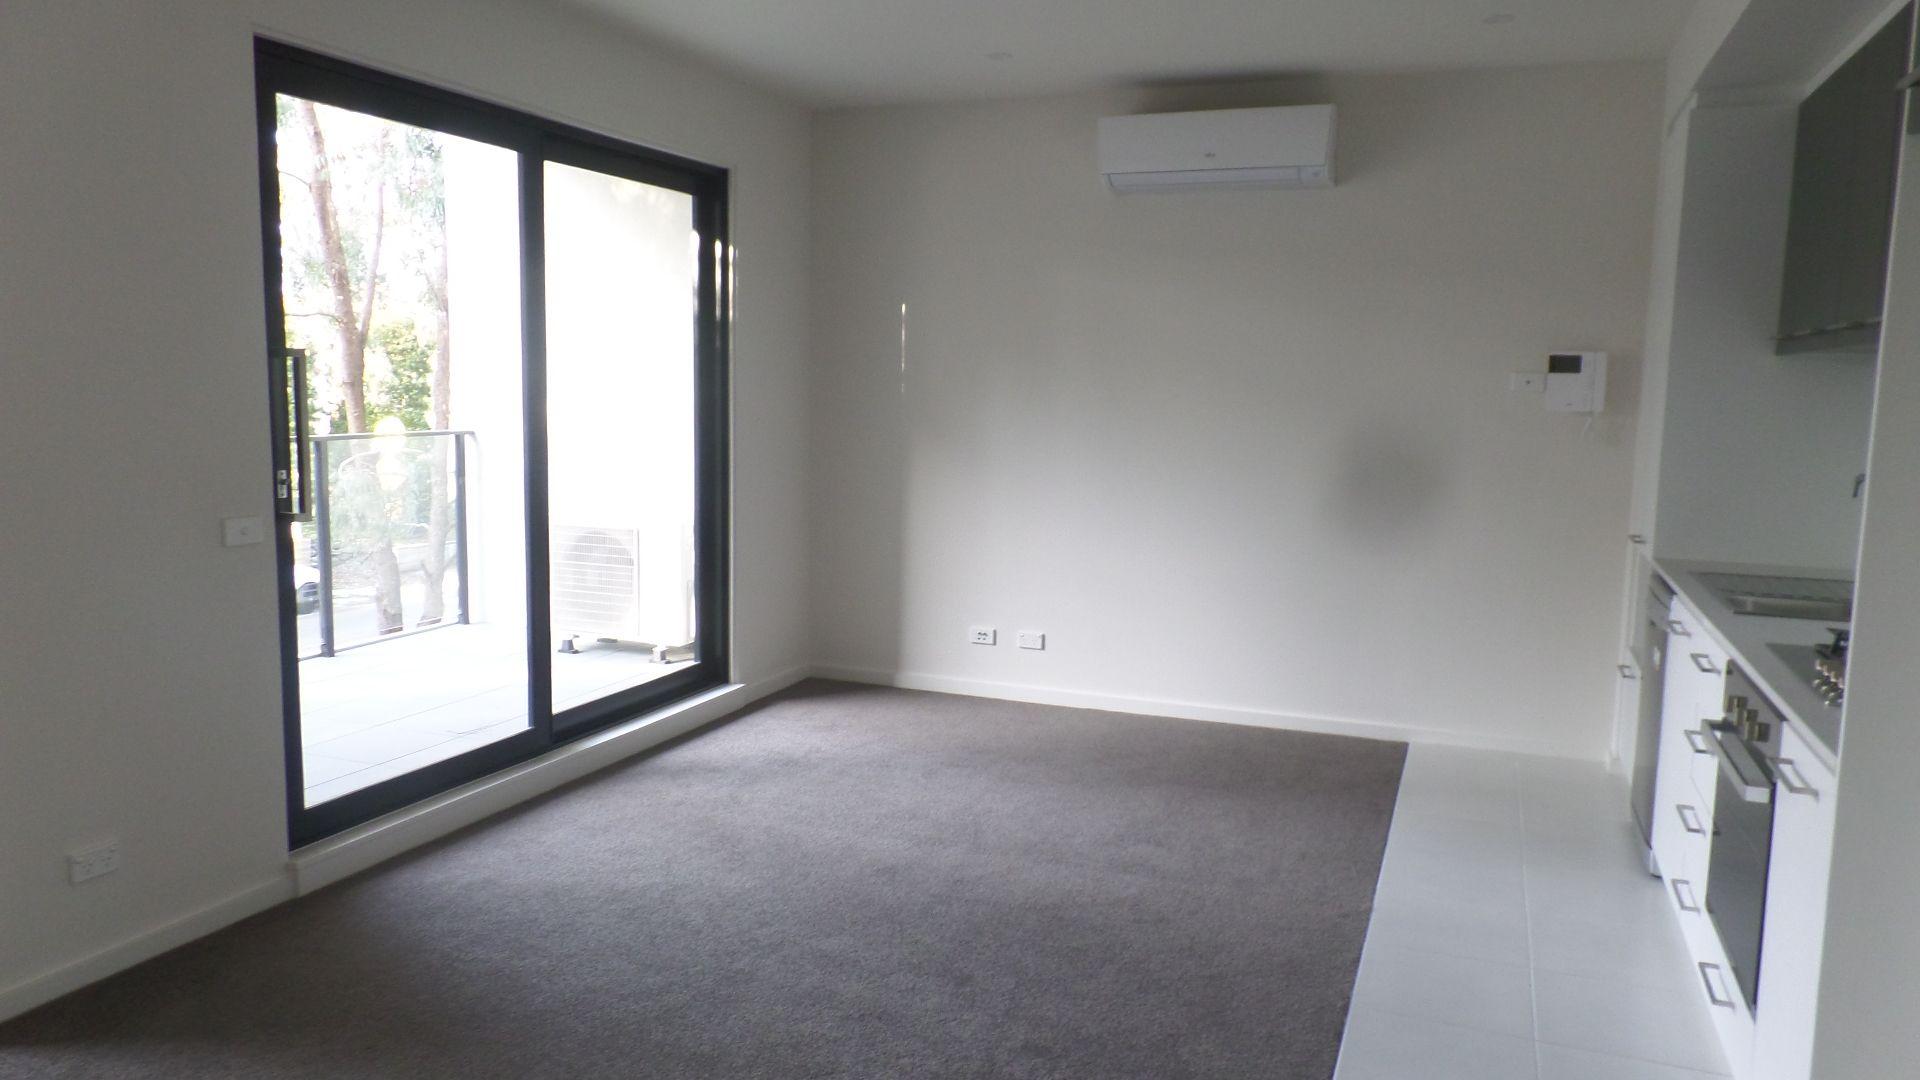 201/91 Janefield Drive, Bundoora VIC 3083, Image 1